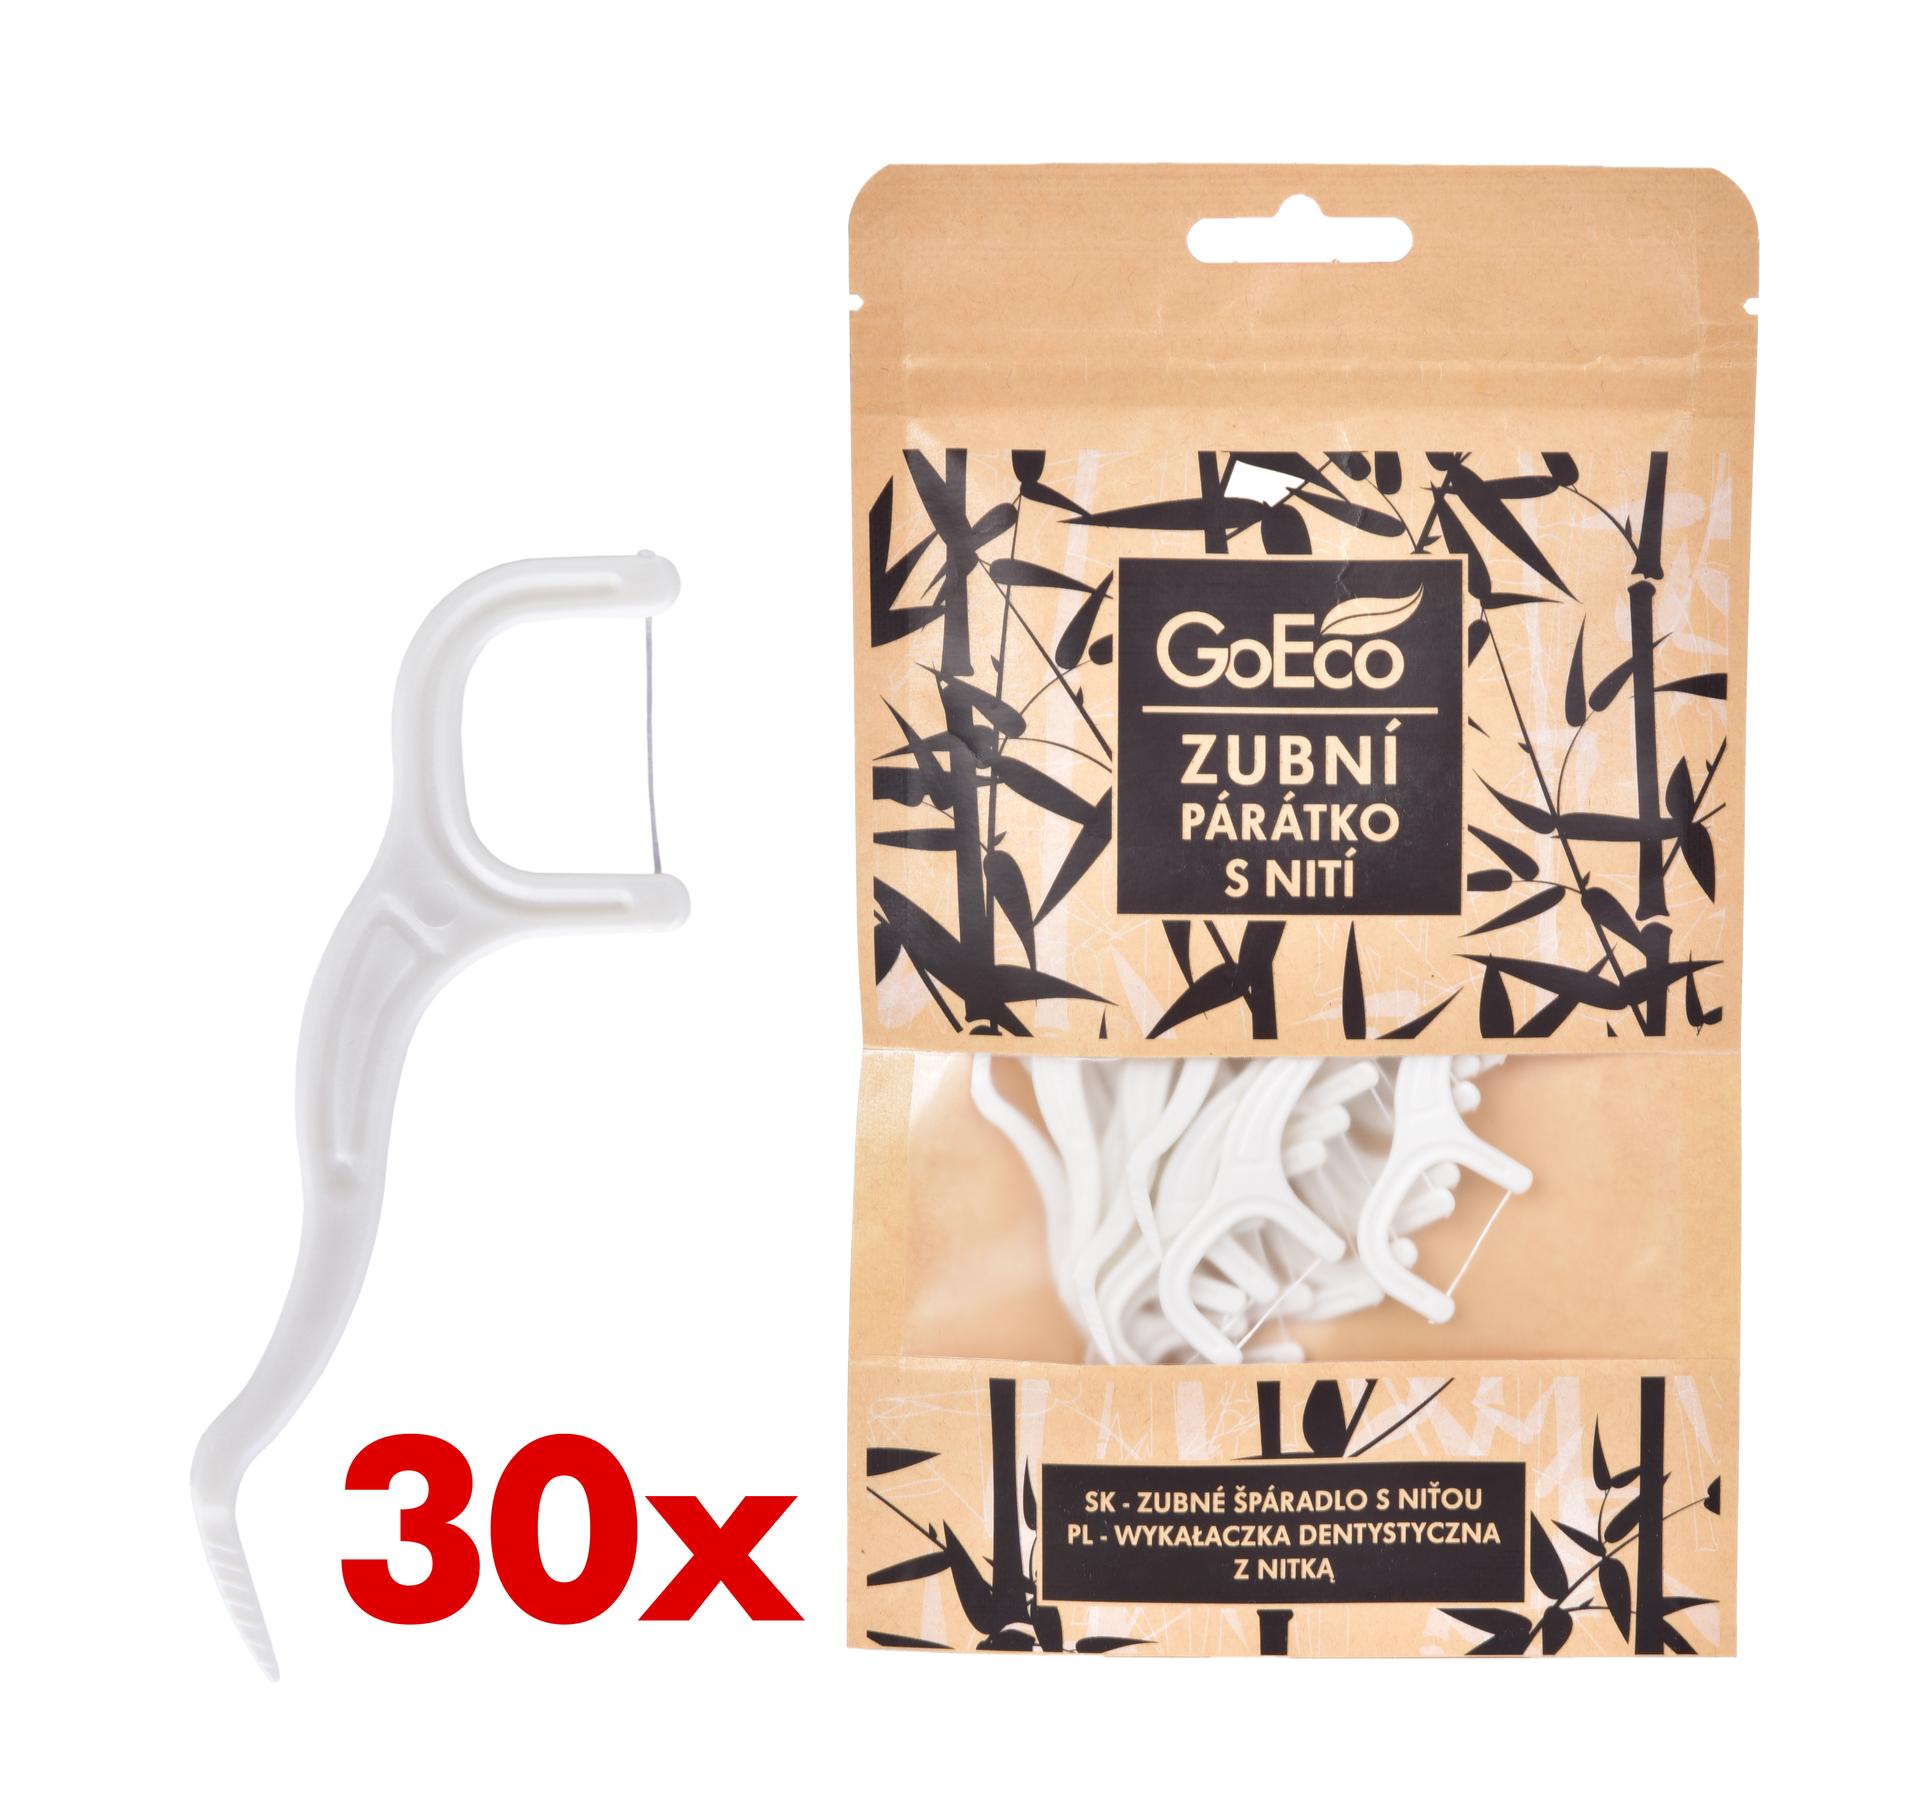 30 ks zubní párátko z kukuřice s nití, kompostovatelné, Goeco®